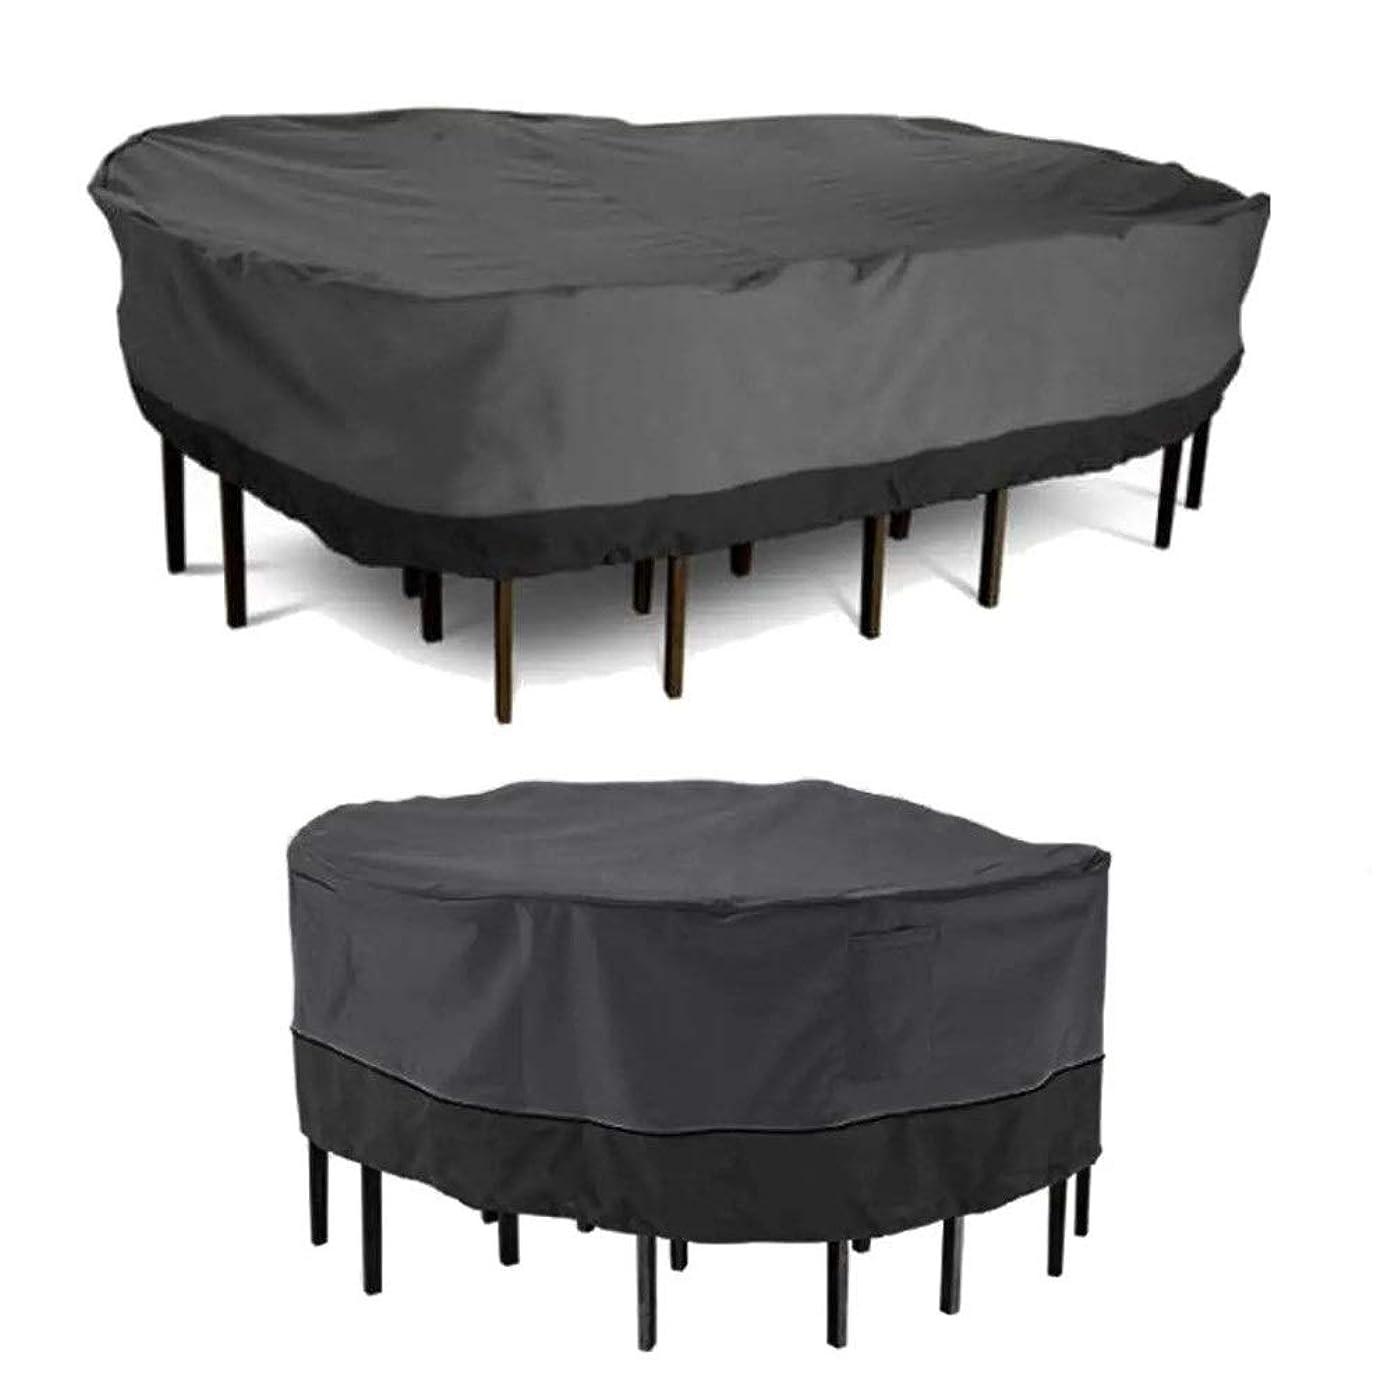 尊敬する文法いっぱい屋外家具 ファニチャー カバー 屋外の防水ケースダストカバーガーデンテラスの家具表 防水 防塵 防風 多機能 (Color : Black, Size : L)